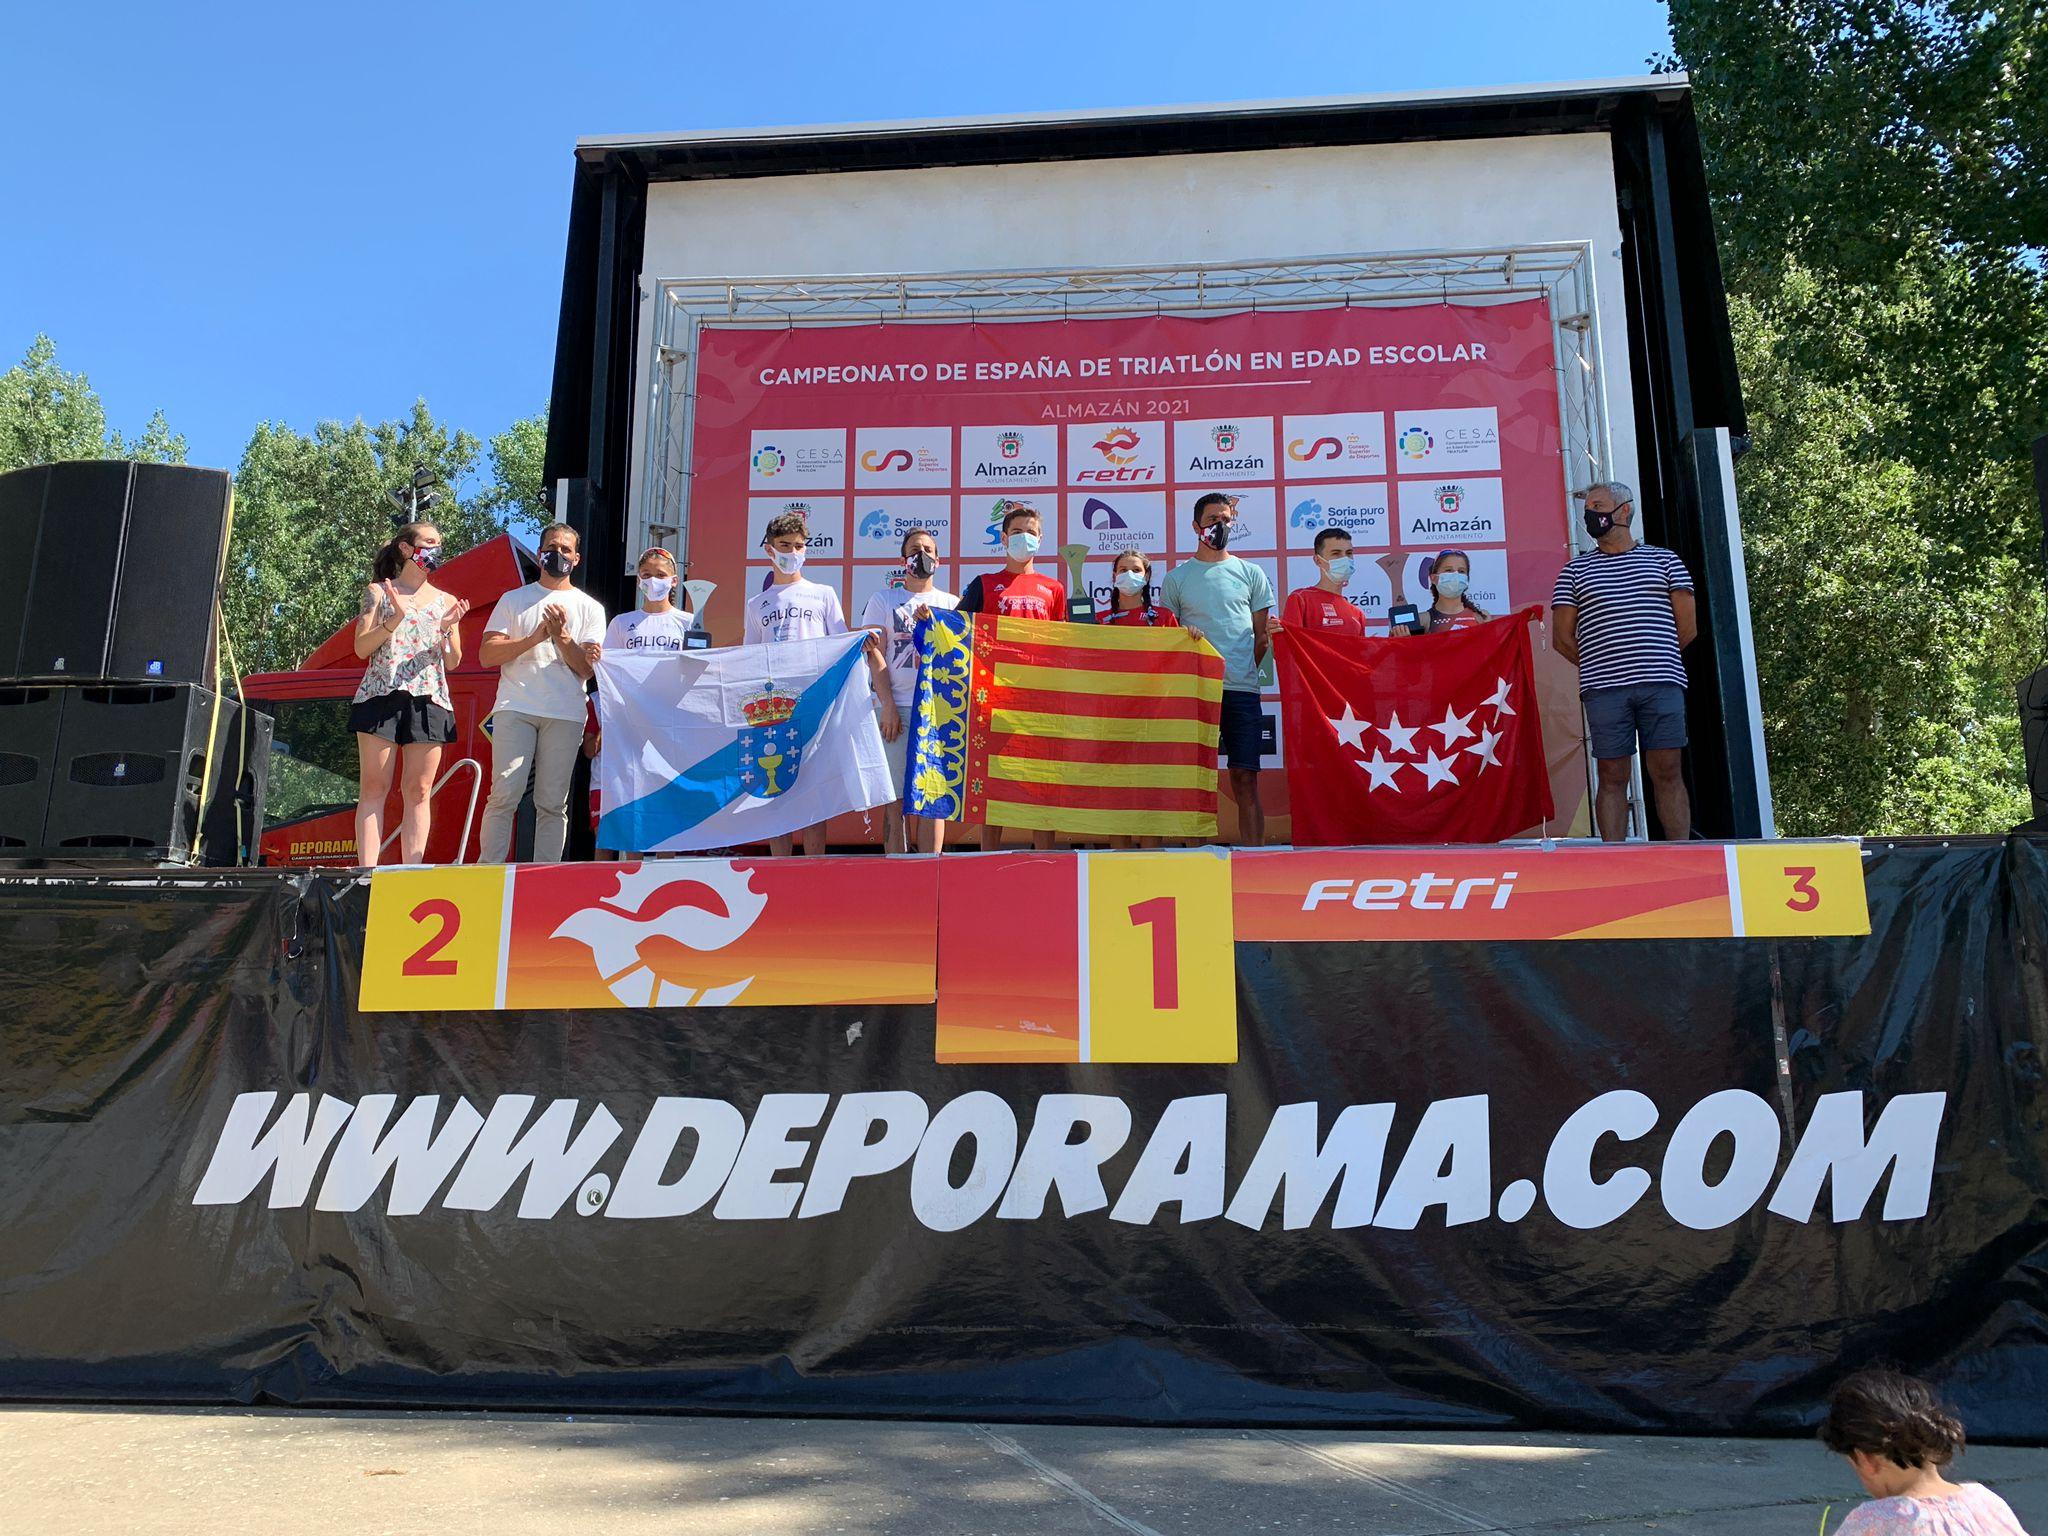 Cataluña y Comunidad Valenciana ganan los Campeonatos de España de Triatlón en Edad Escolar por Autonomías celebrados en Almazán